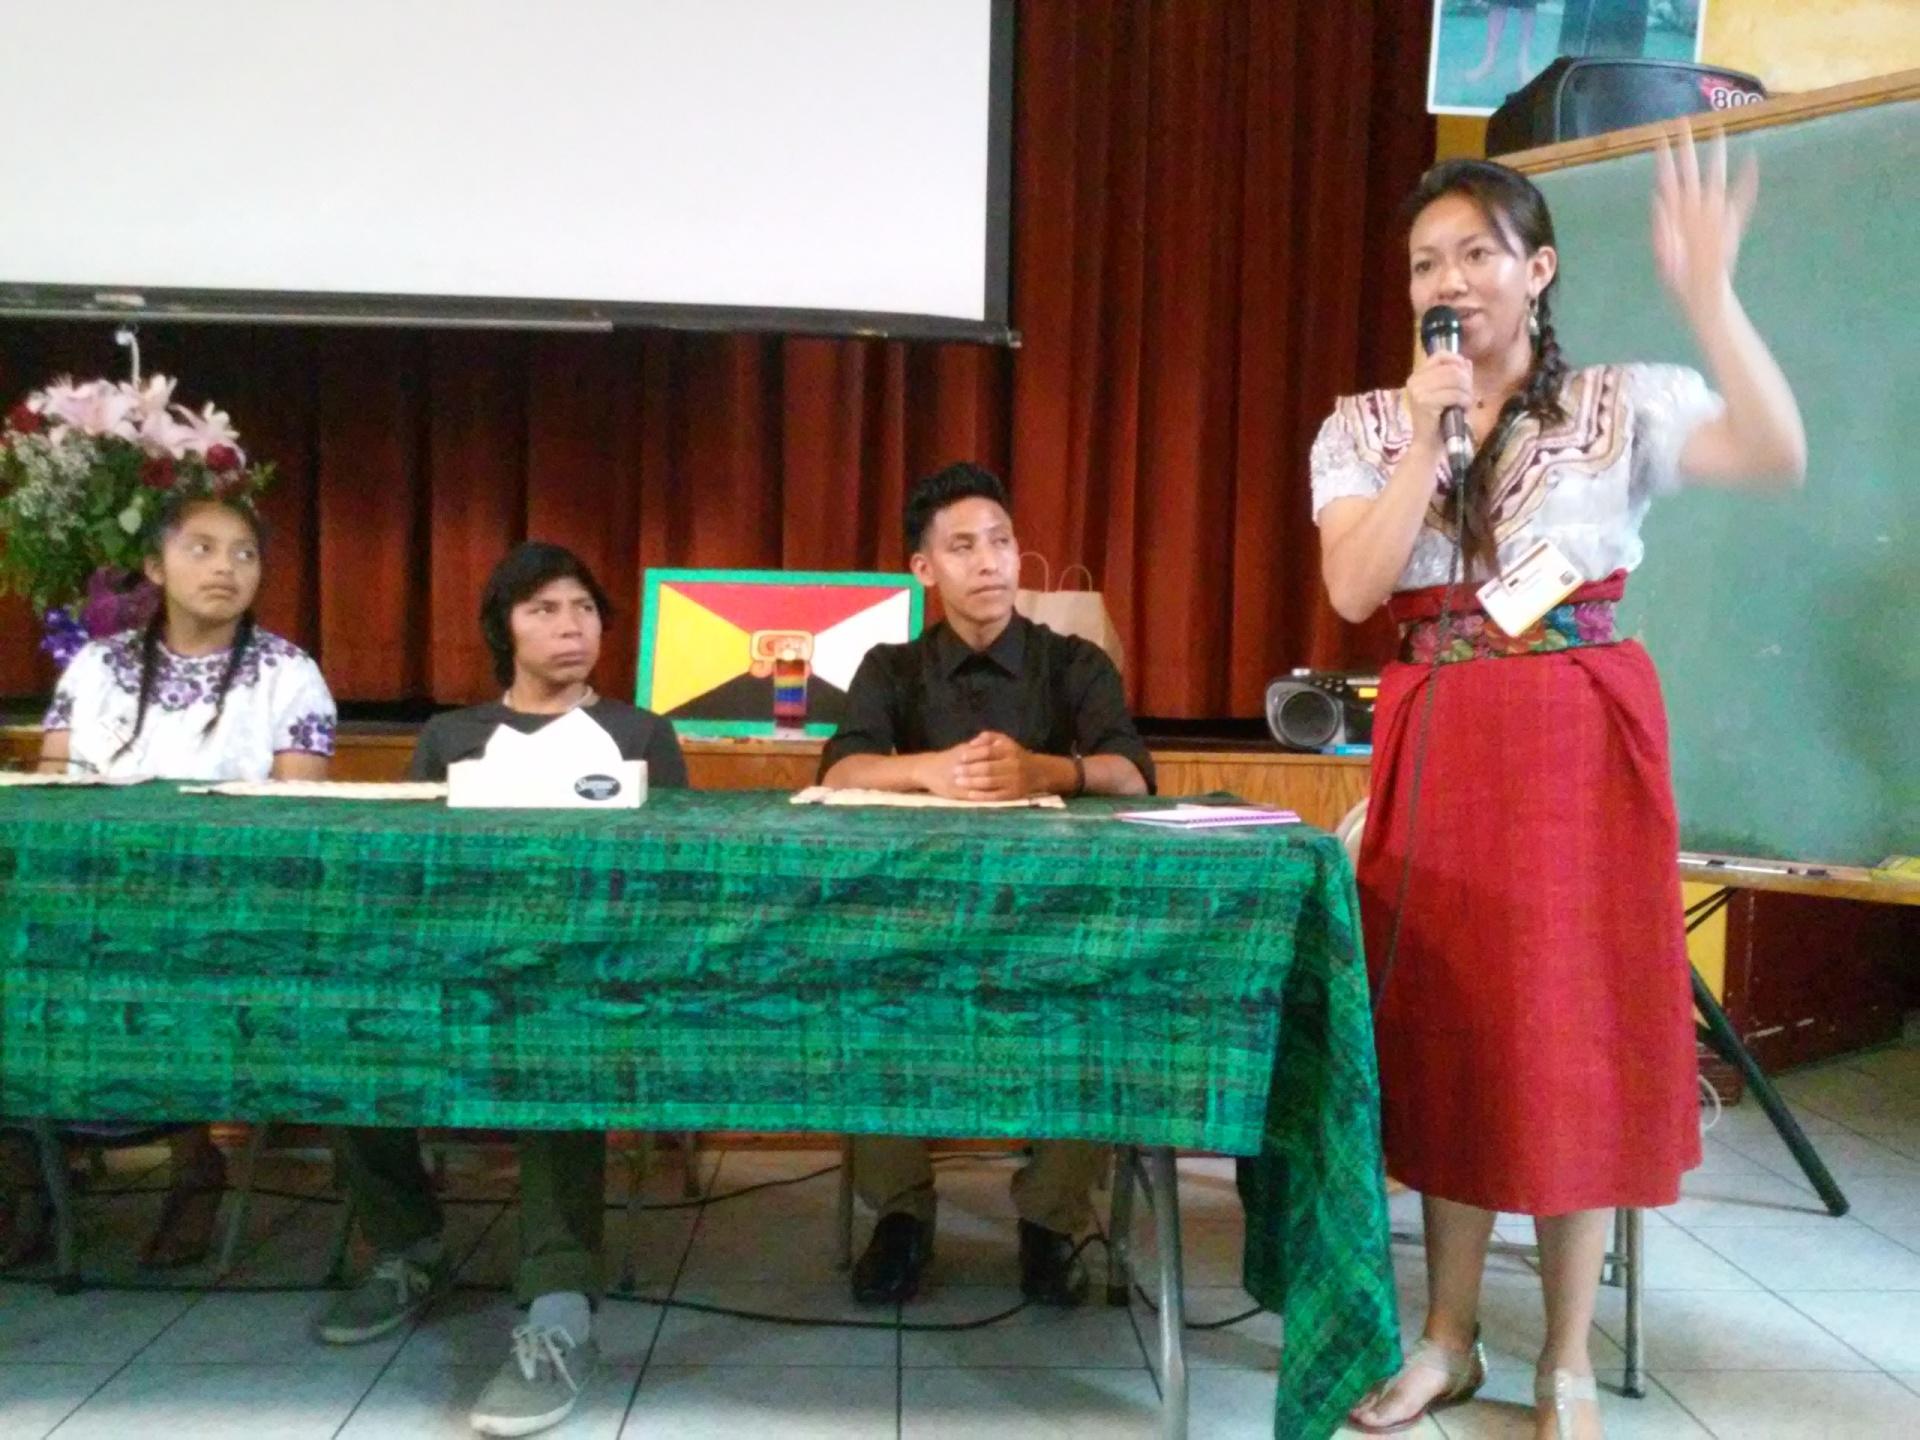 """""""Los jóvenes no somos el futuro, somos el presente"""", declaró Ilse, la representante de la comunidad maya en Omaha, Nebraska. Fotografía: La Voz"""